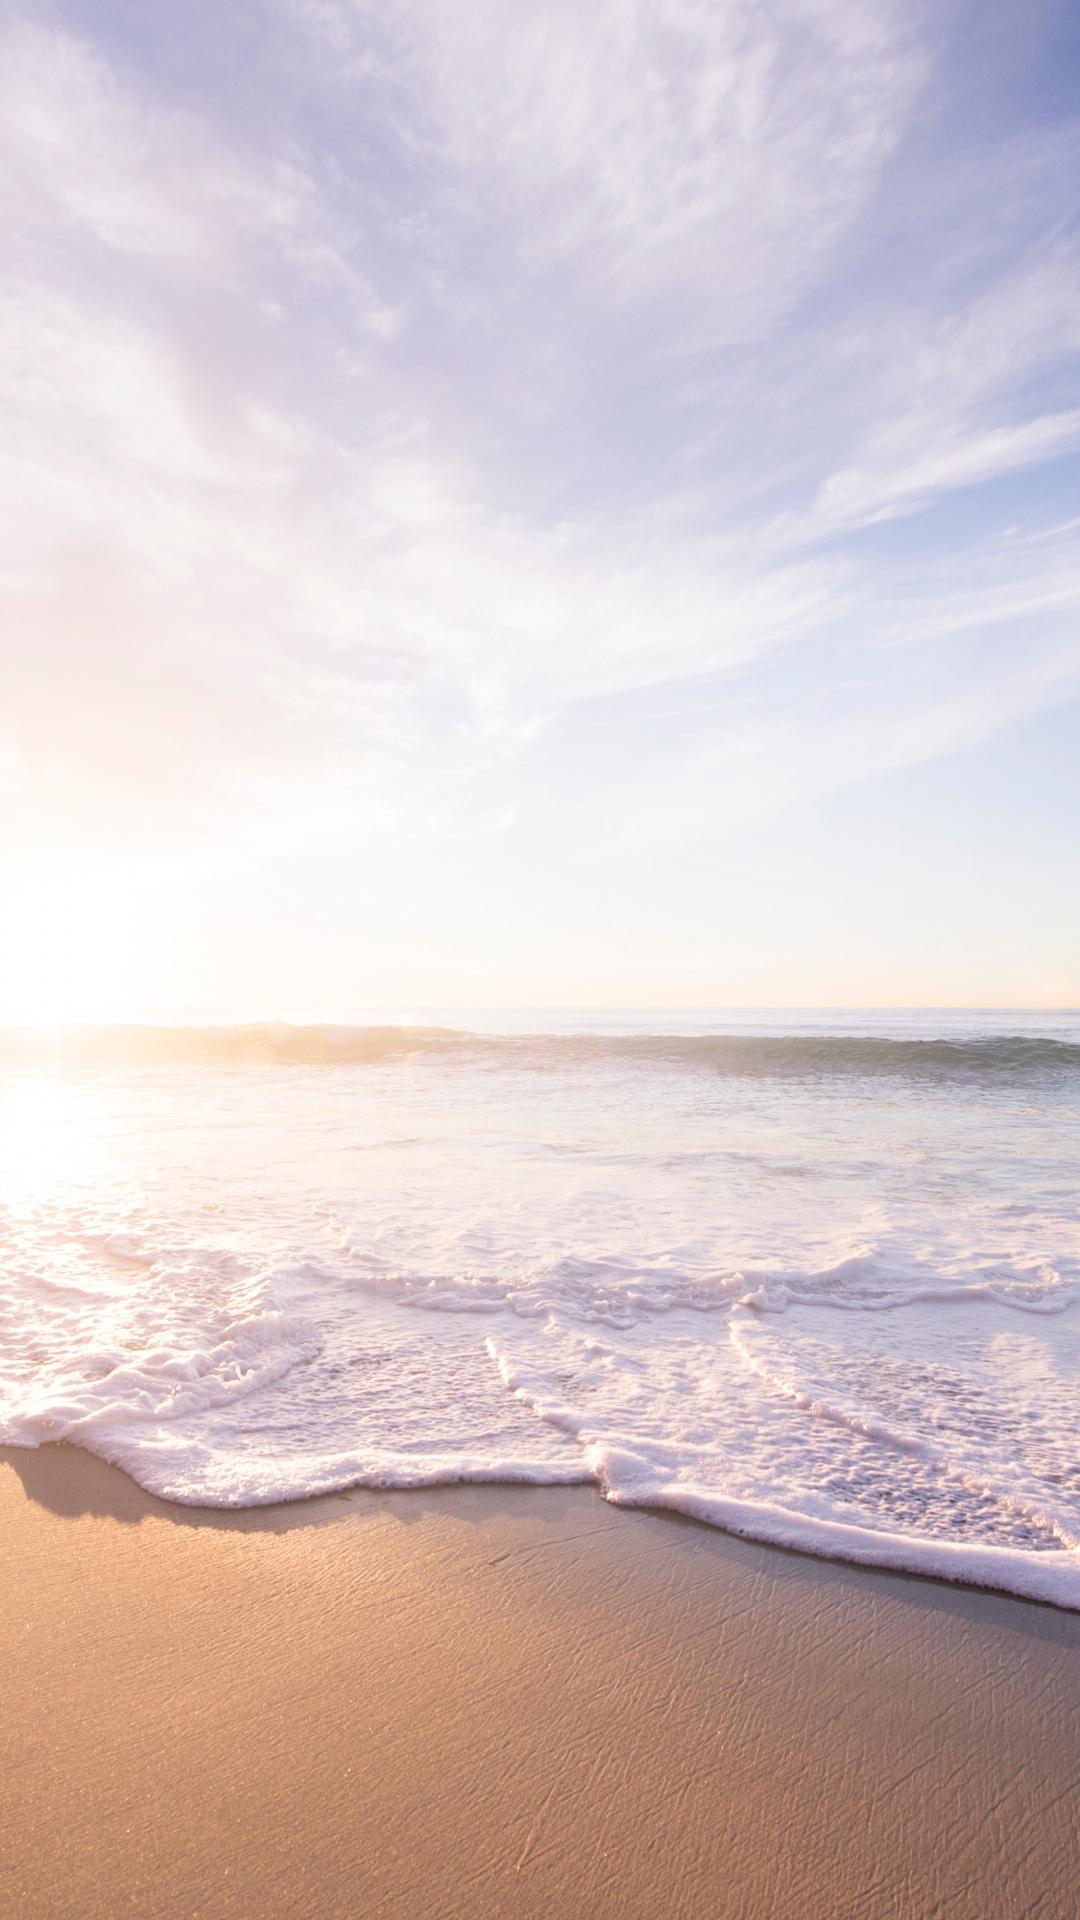 Frank Ocean Wallpaper Iphone X A Sandy Beach Iphone Wallpaper Idrop News